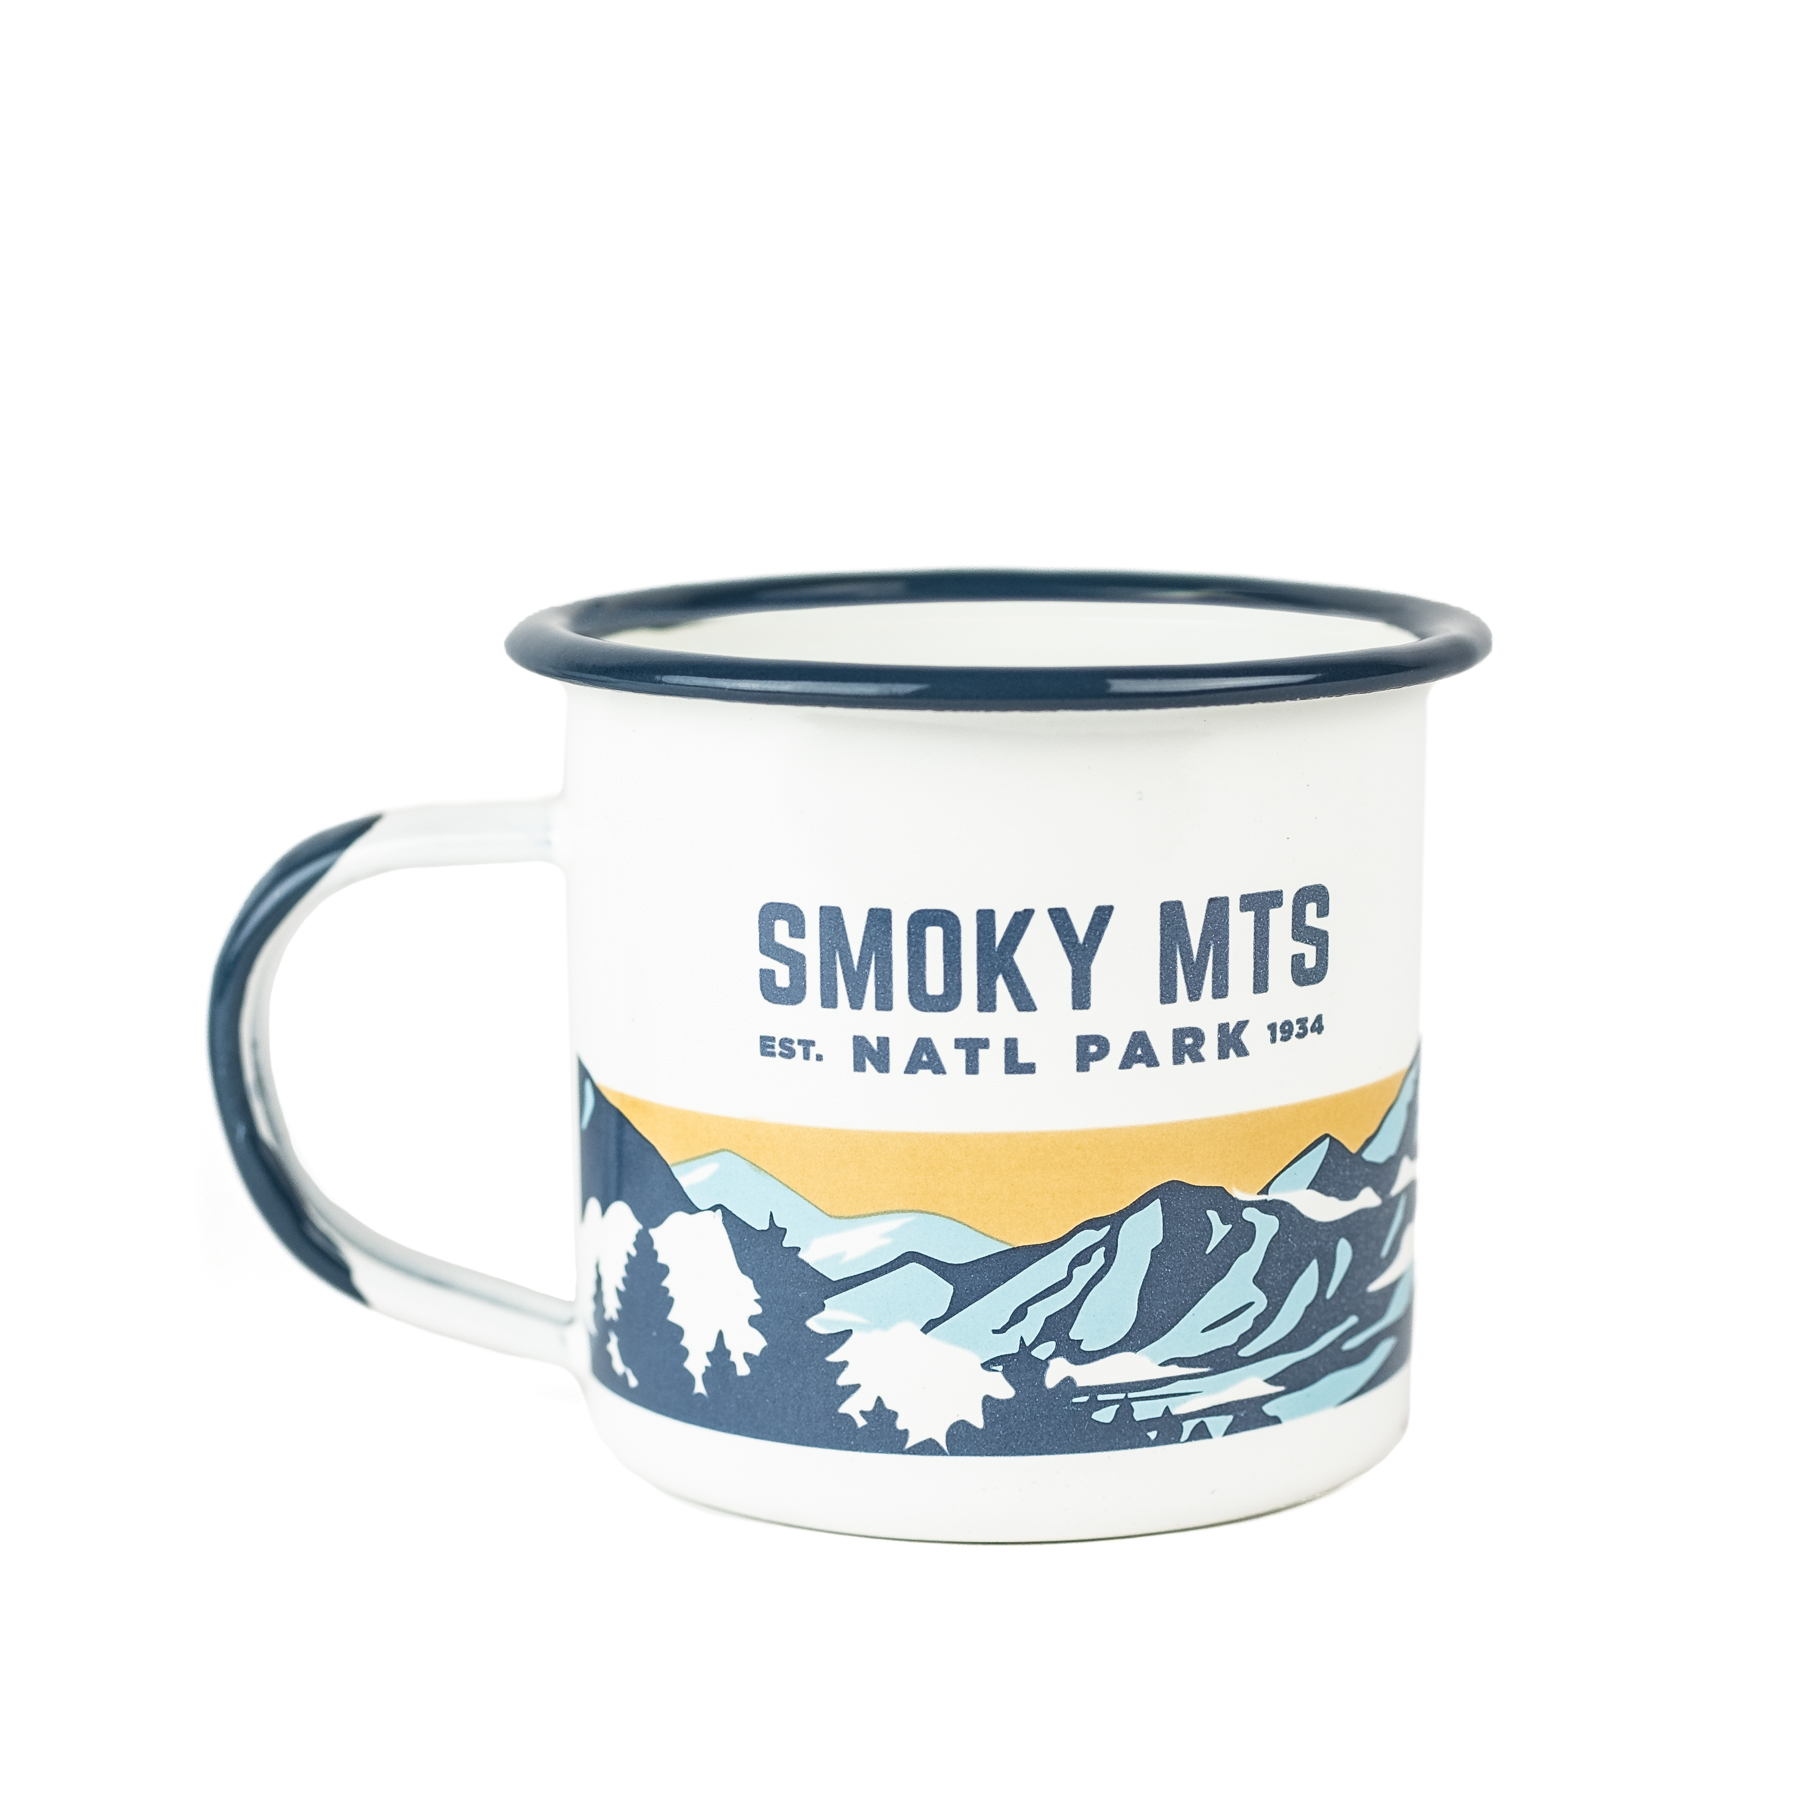 smoky-mountains-mug-3.jpg